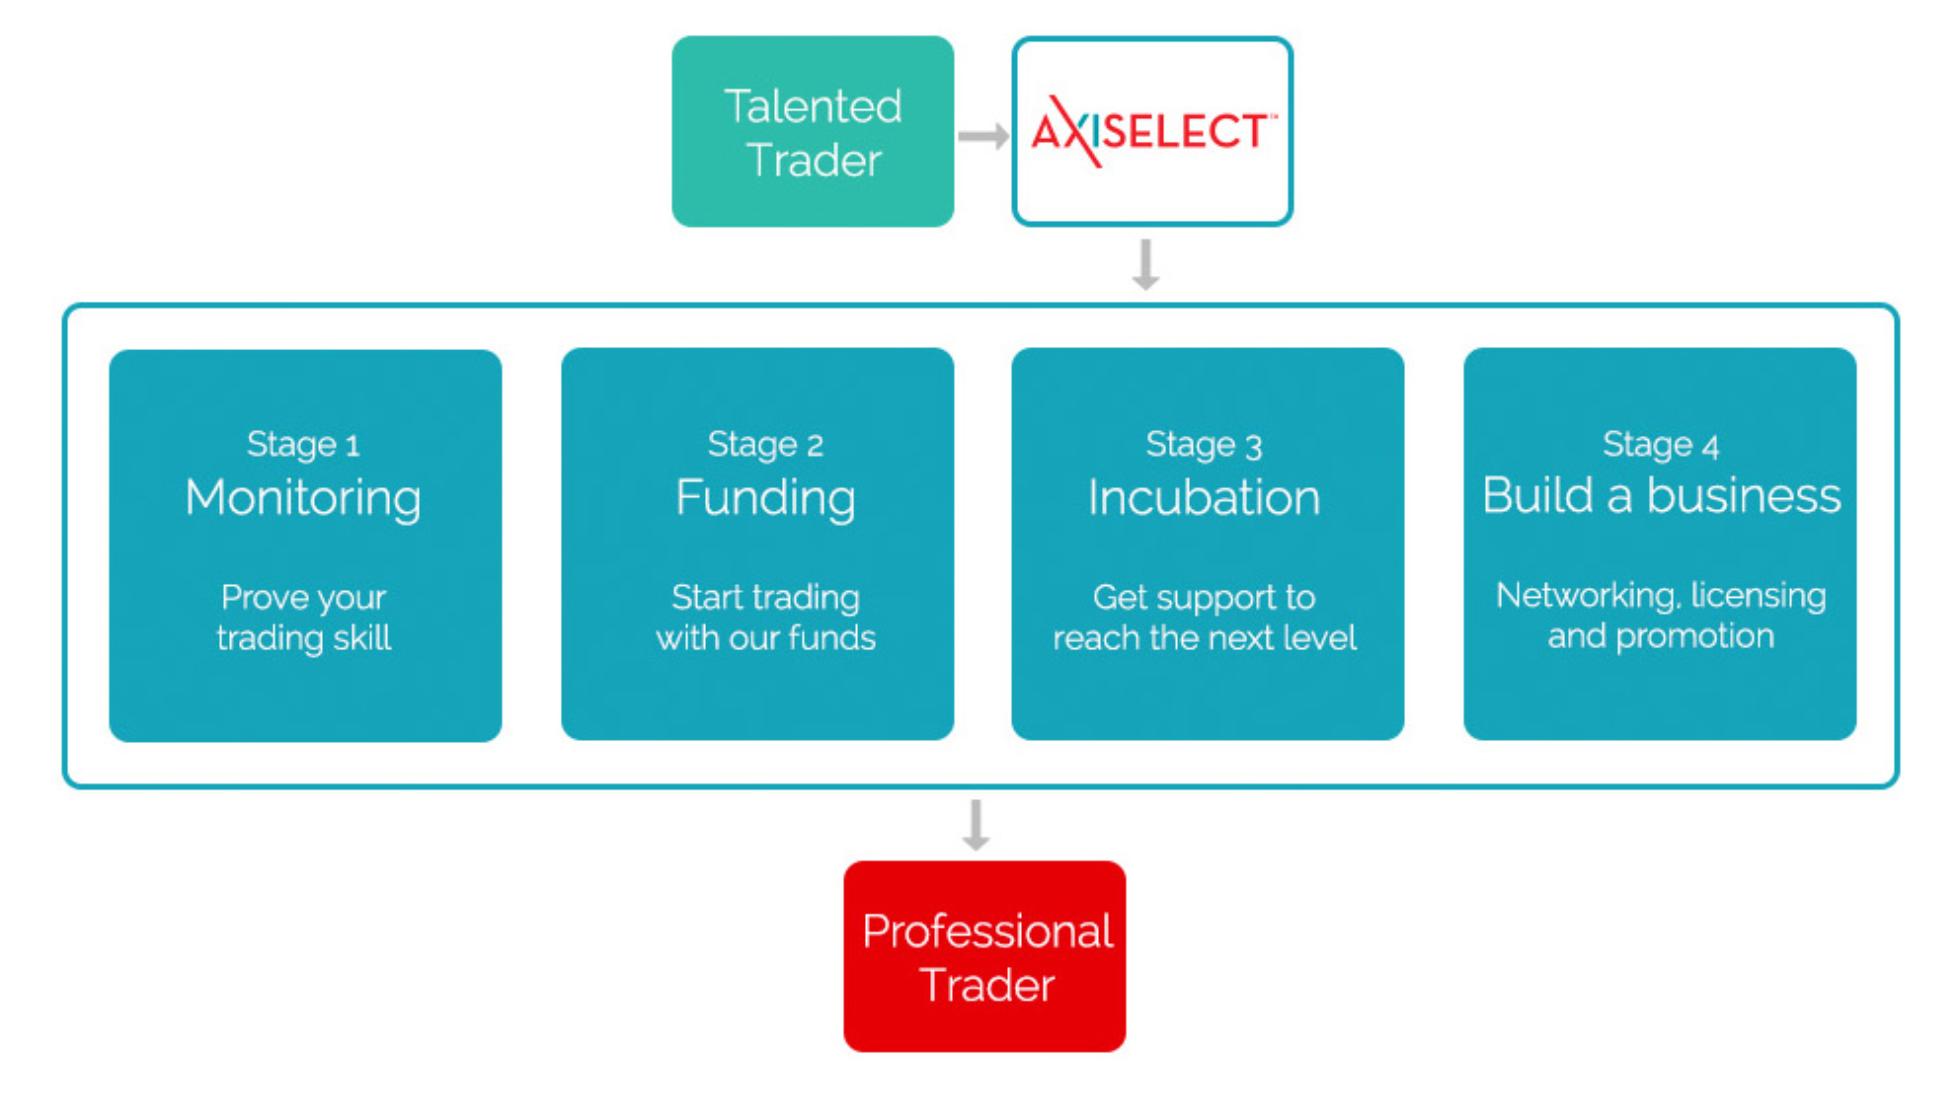 ¿Cómo funciona el programa AxiSelect?